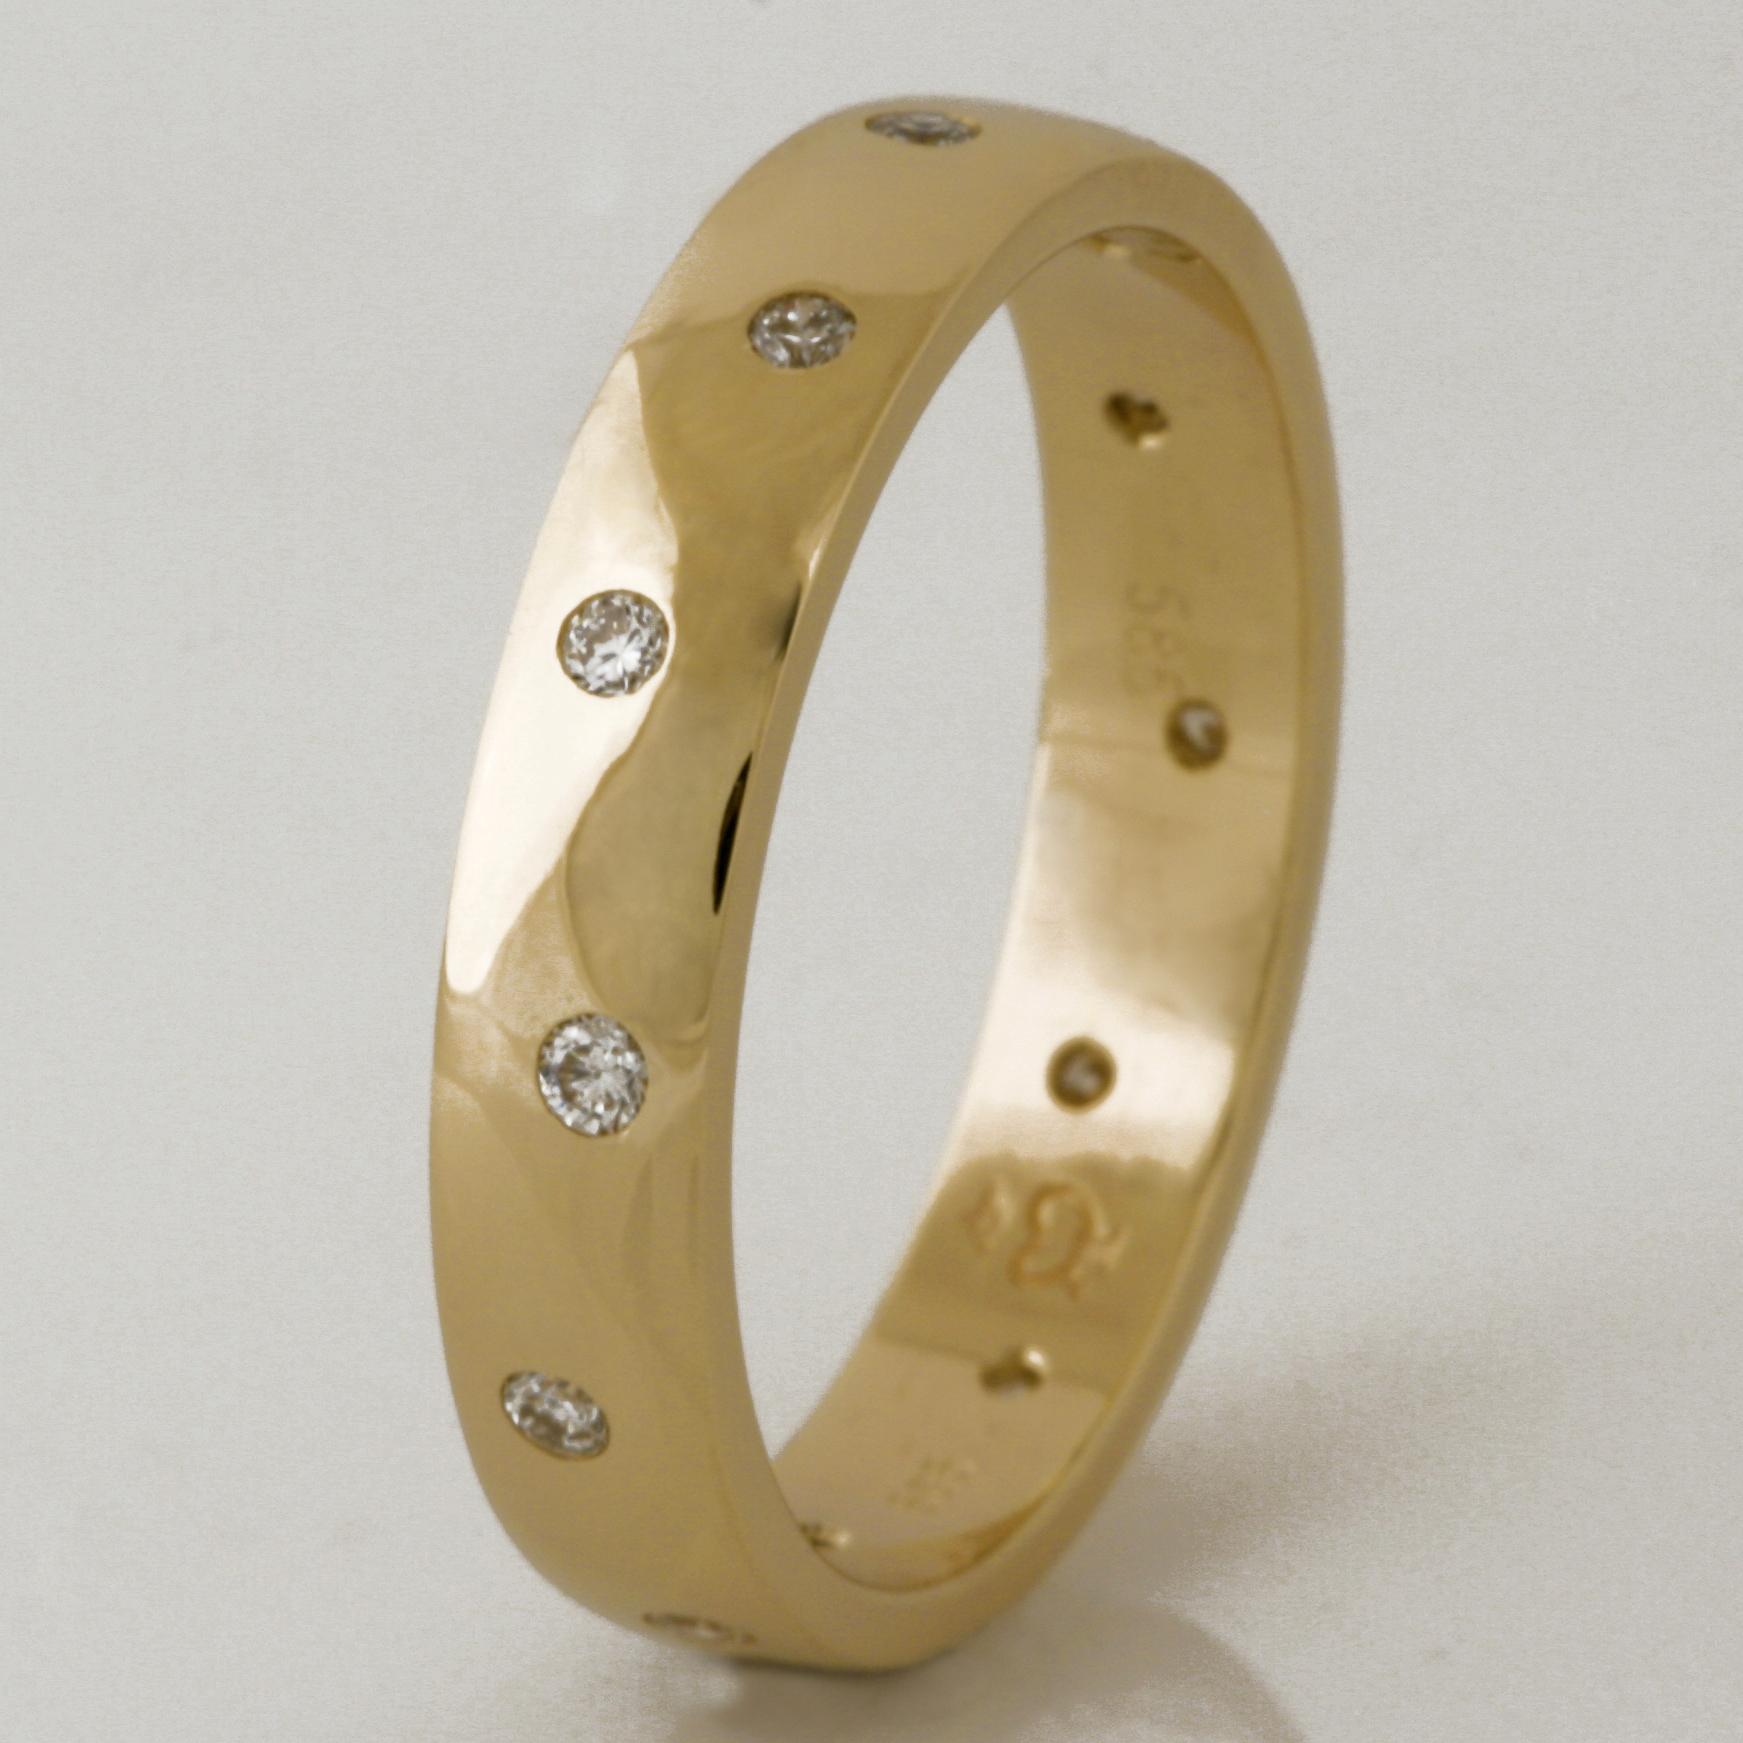 Handmade ladies 14ct yellow gold diamond wedding ring